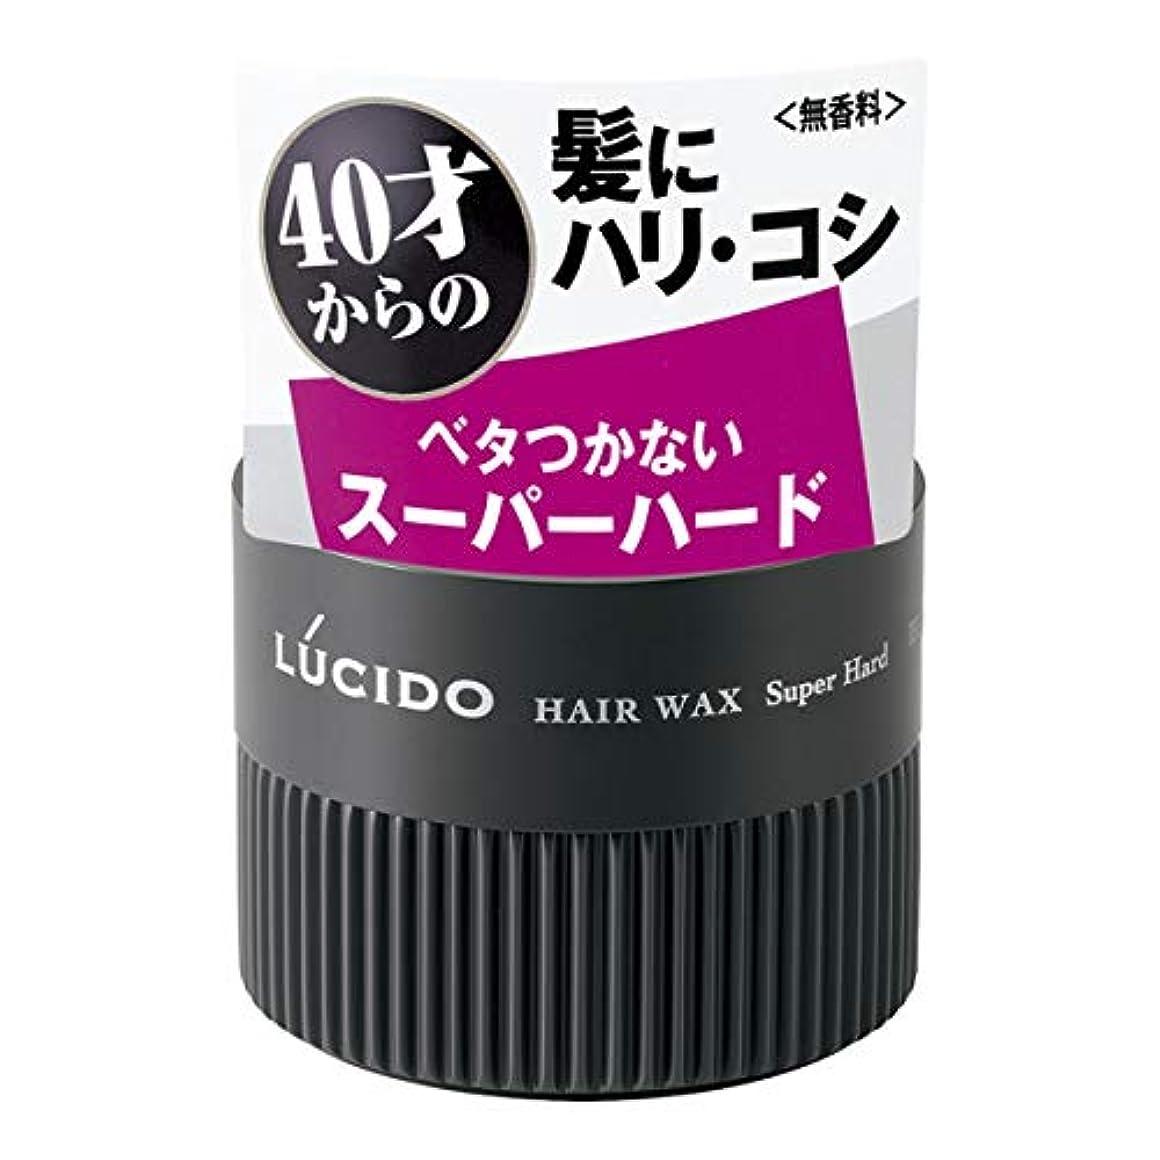 マーチャンダイジングスマイル肥満LUCIDO(ルシード) ヘアワックス スーパーハード 80g